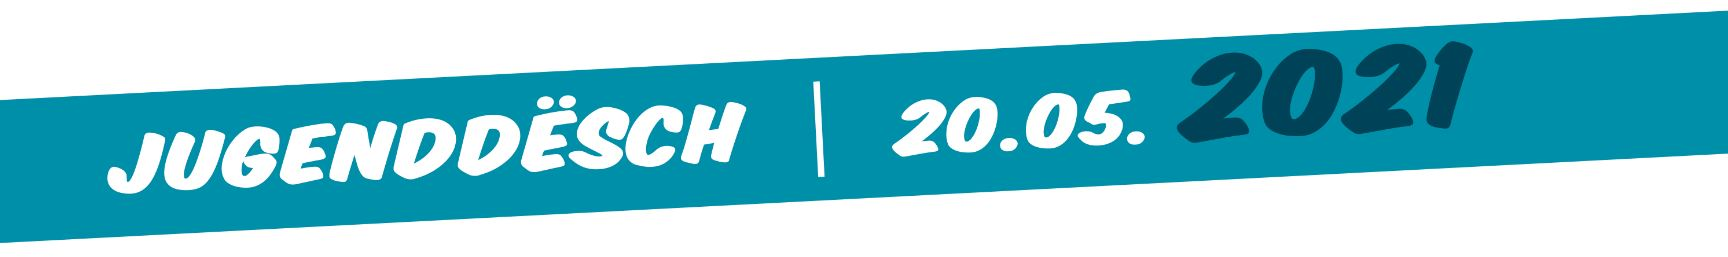 Jugenddësch 2021 - Dialog.lu